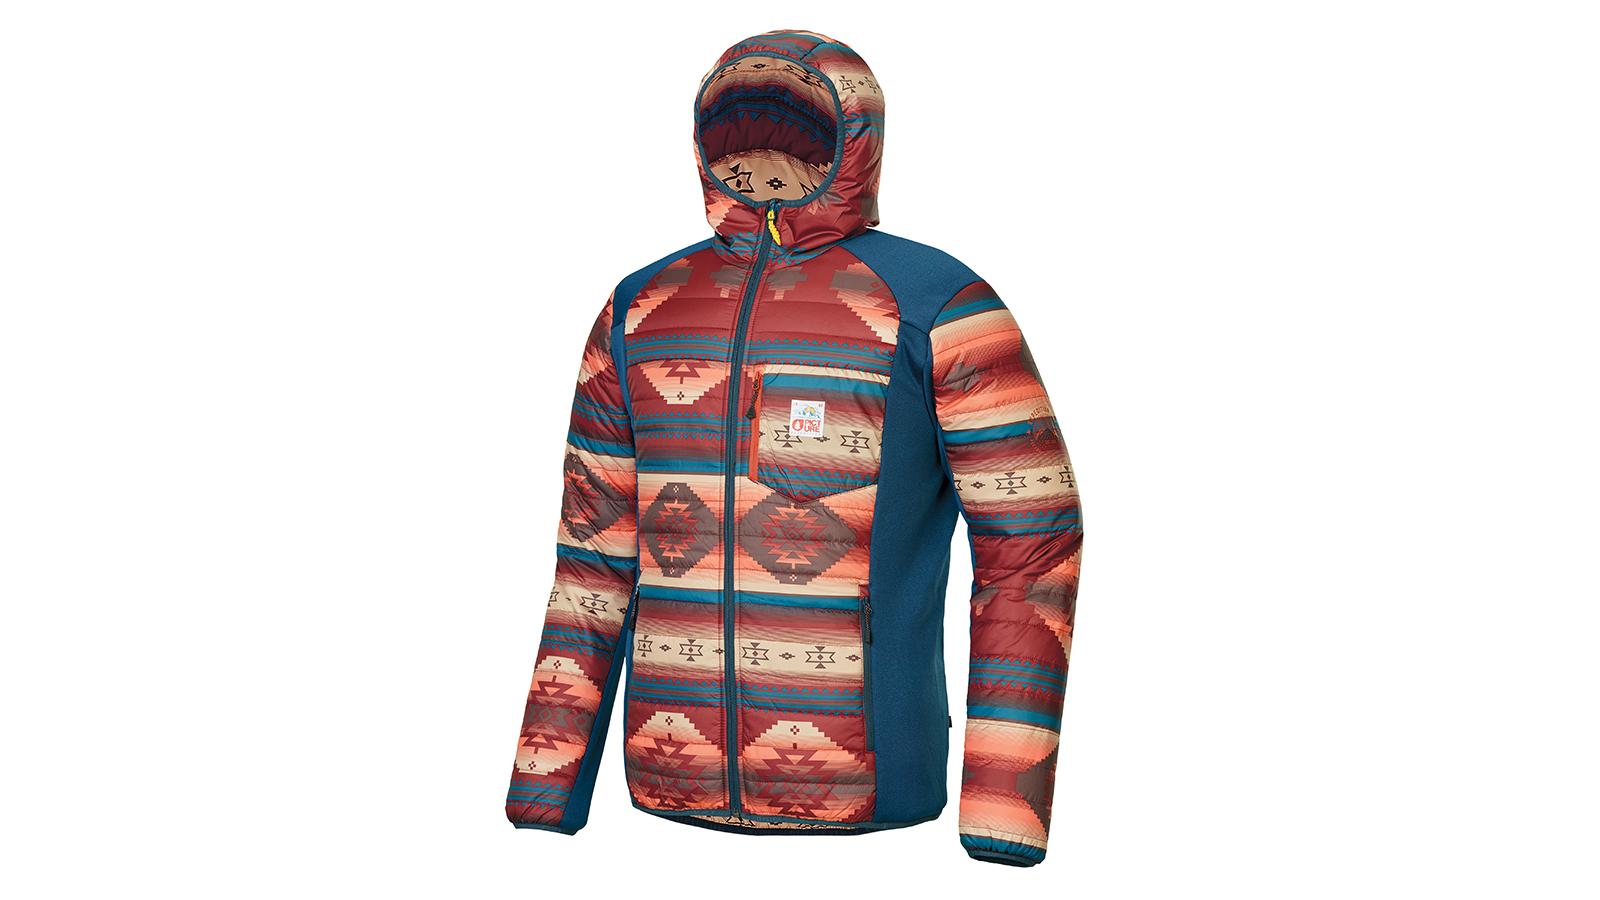 Picture-Organic-Clothing-Takashima-Jacket